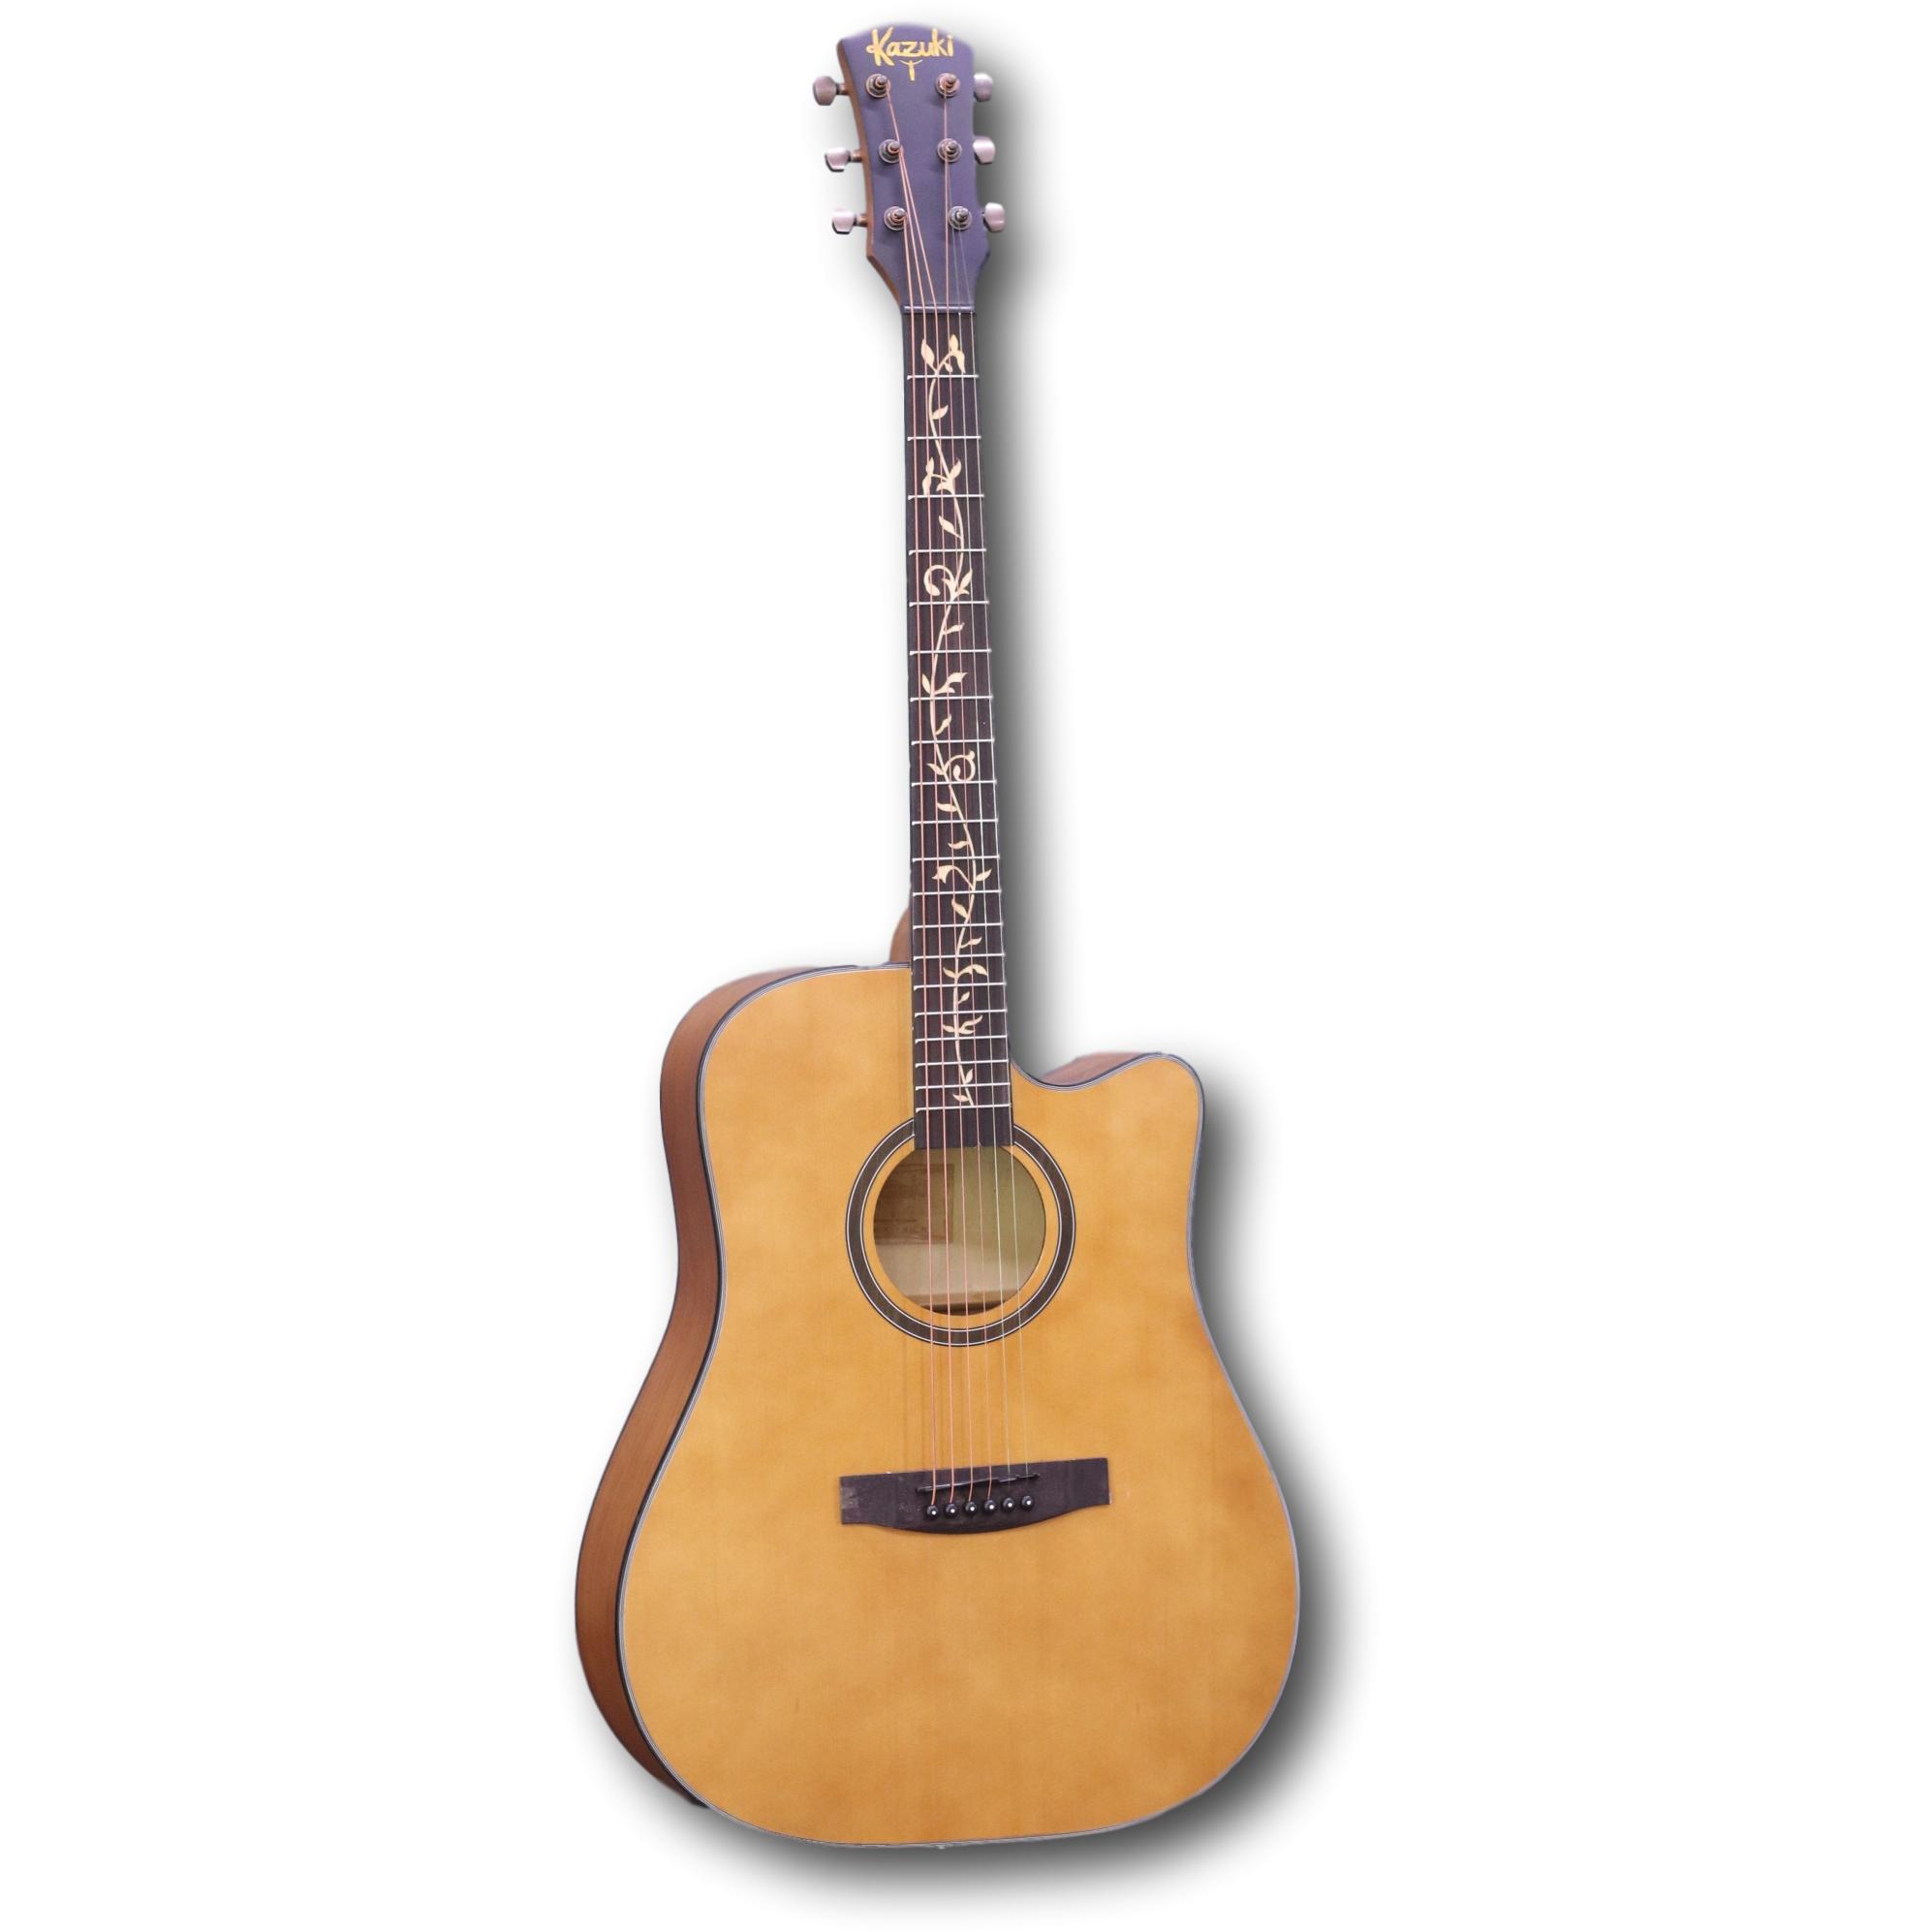 1994x1994 Acoustic Guitar Bas Instruments